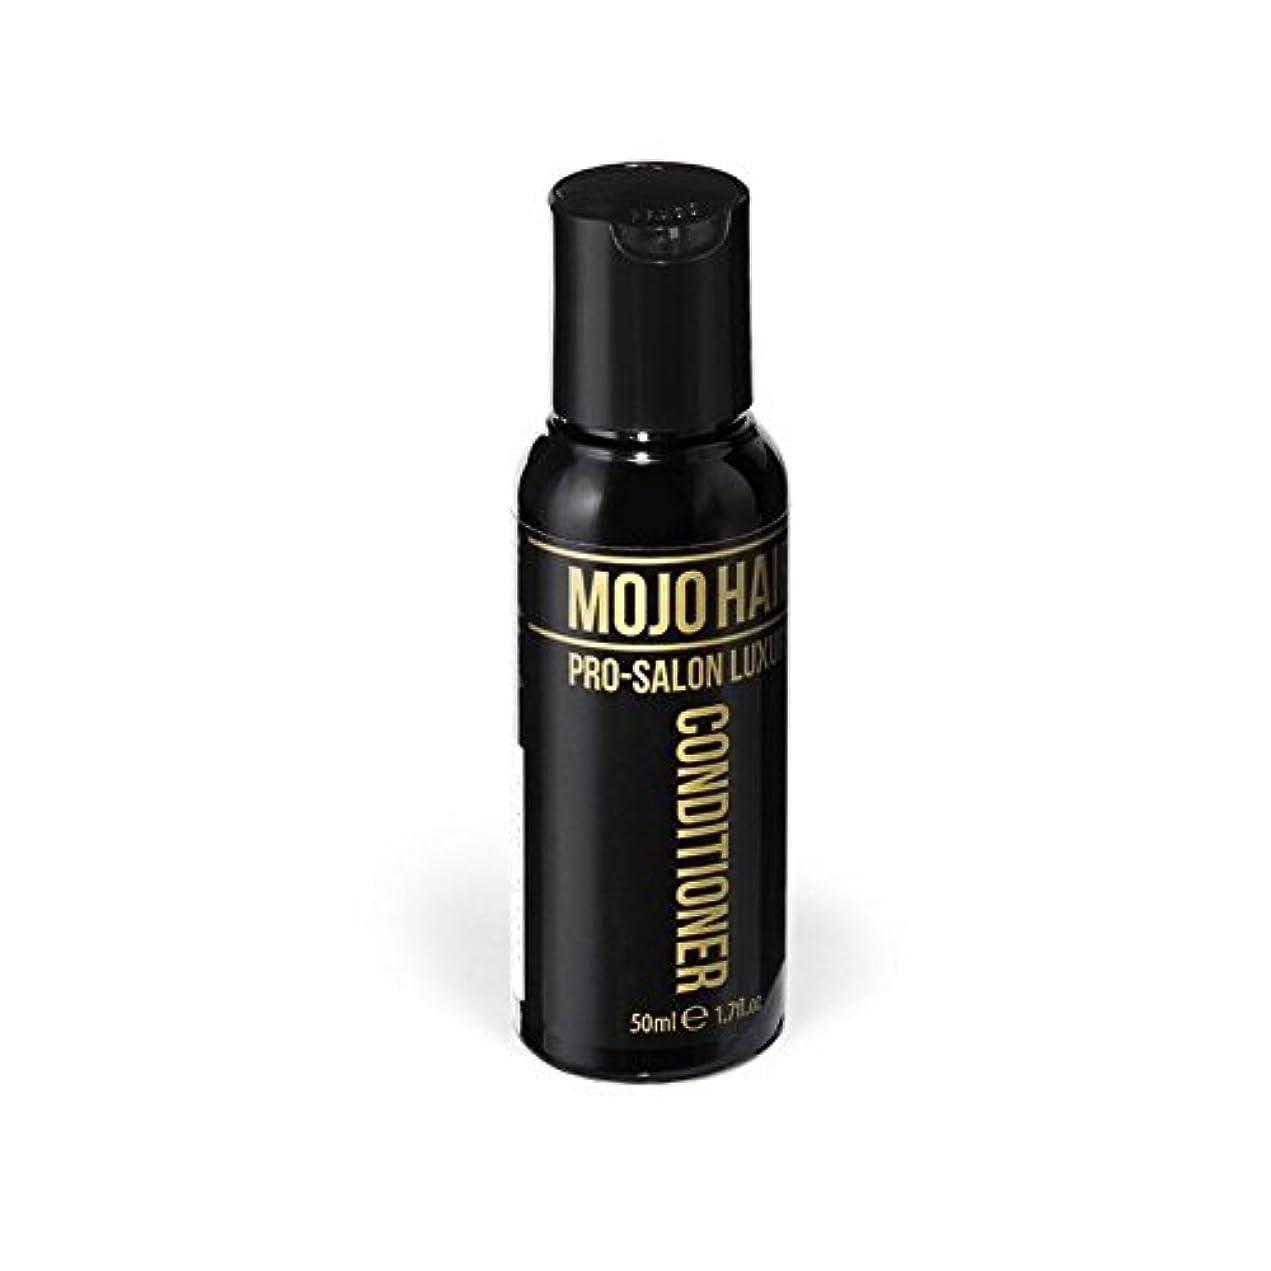 記念碑的な年次面倒Mojo Hair Pro-Salon Luxury Conditioner (50ml) - モジョの毛プロのサロンの贅沢なコンディショナー(50ミリリットル) [並行輸入品]